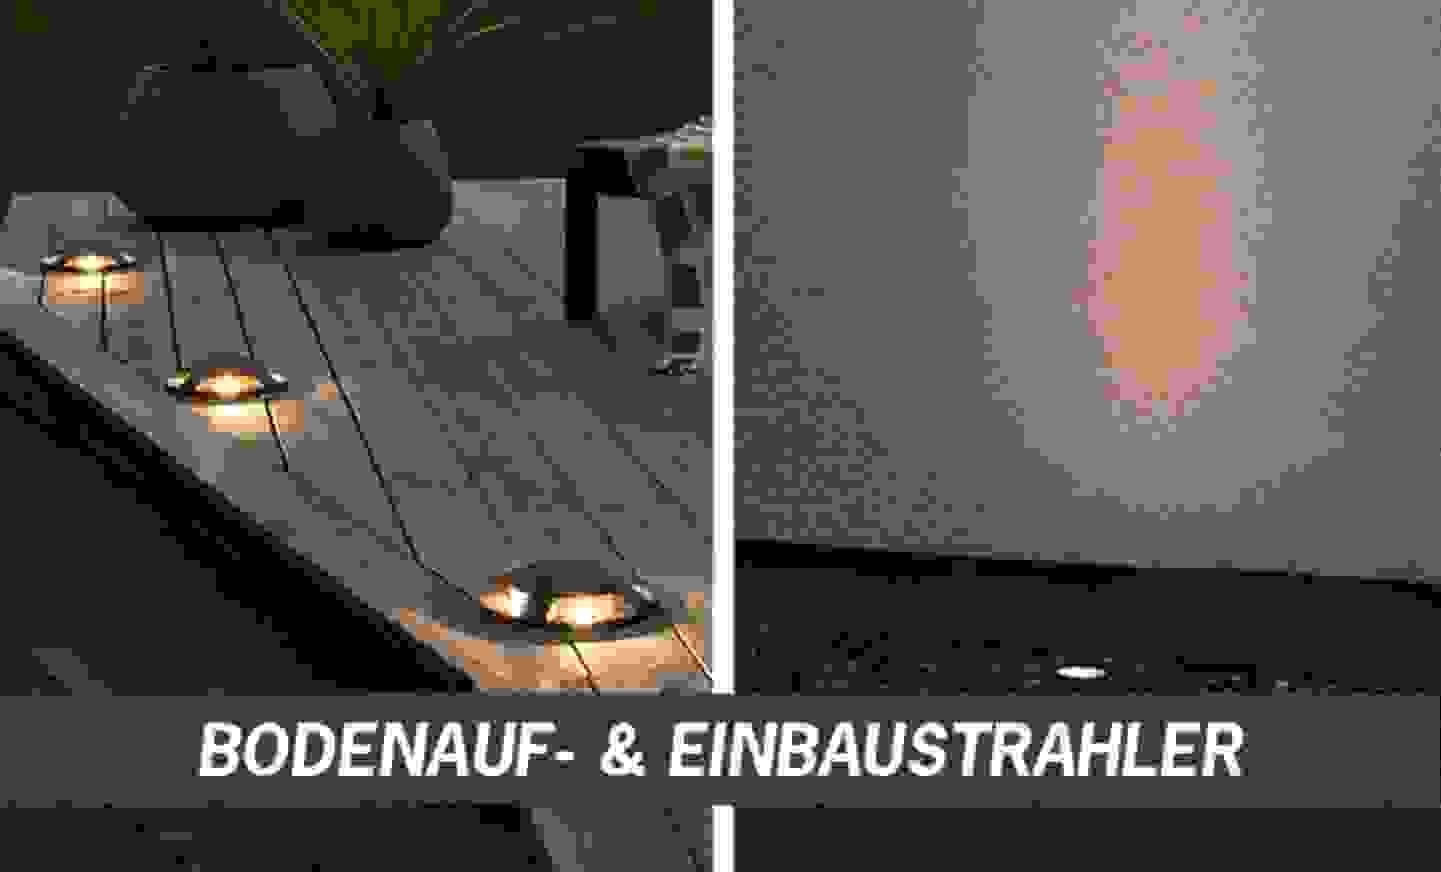 Bodenauf- & Einbaustrahler